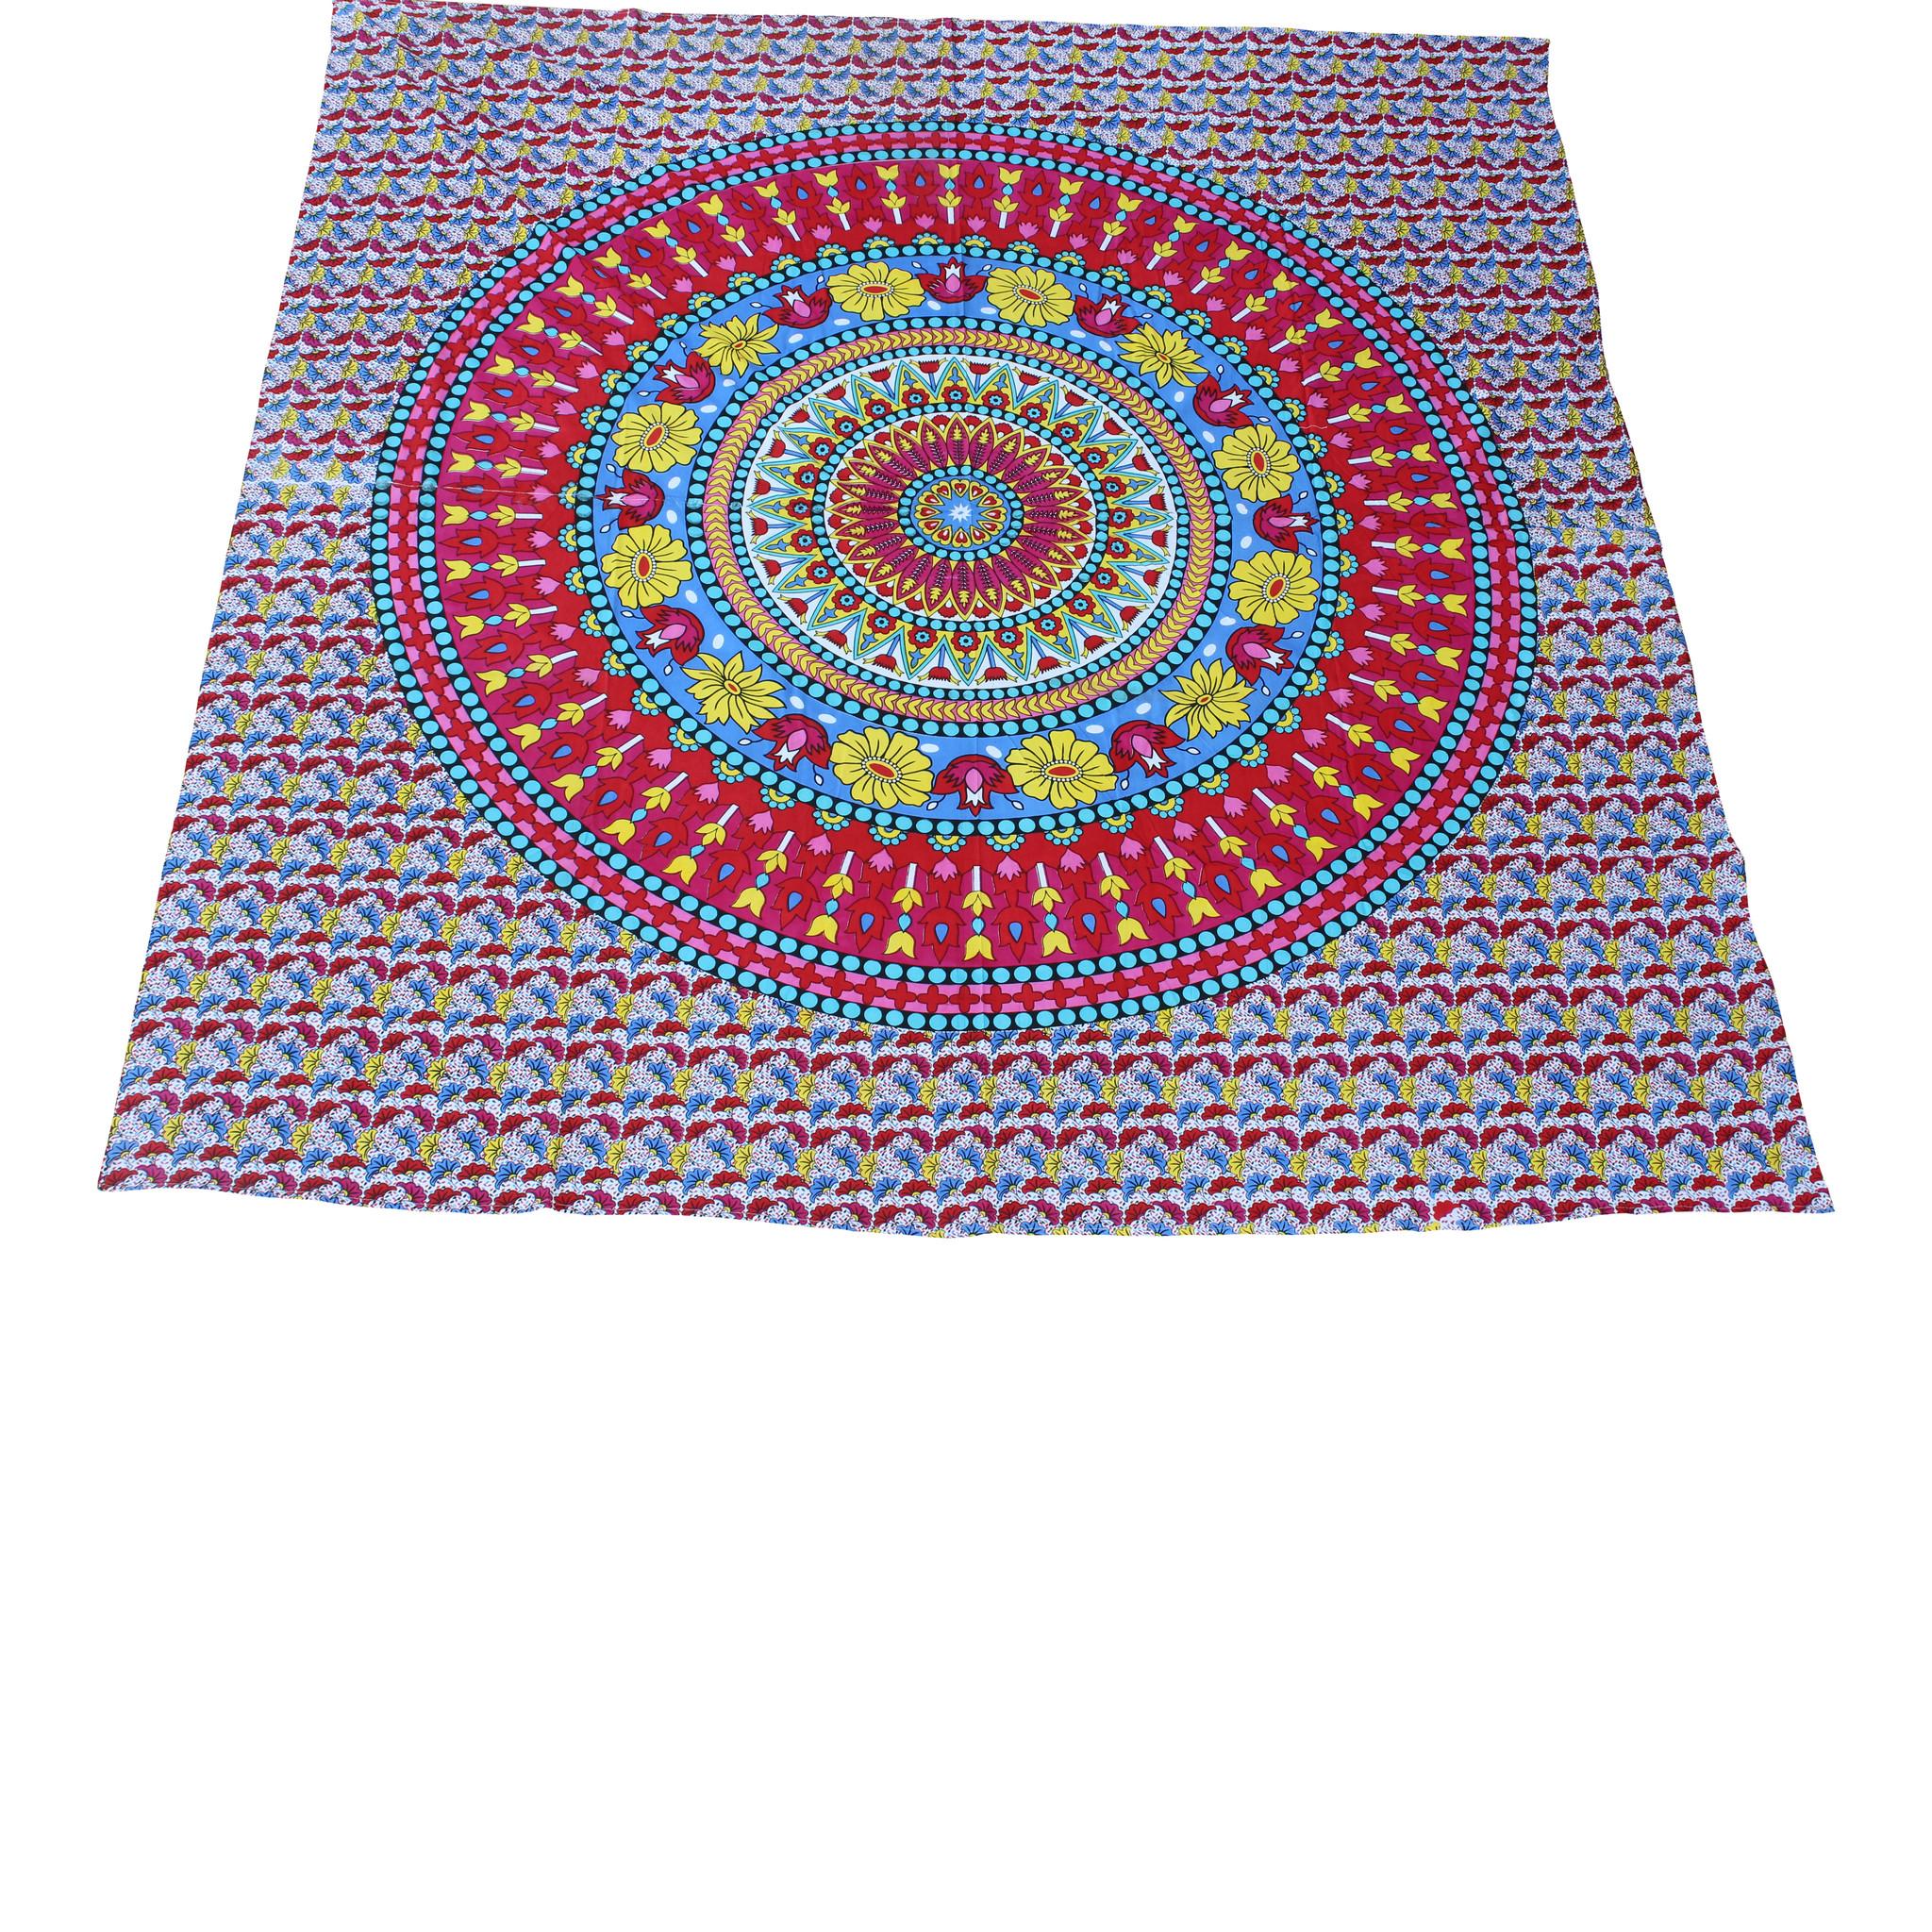 Myroundie Myroundie - roundie - vierkant strandlaken XL – yoga kleed- speelkleed - picknickkleed -100% katoen – Q41